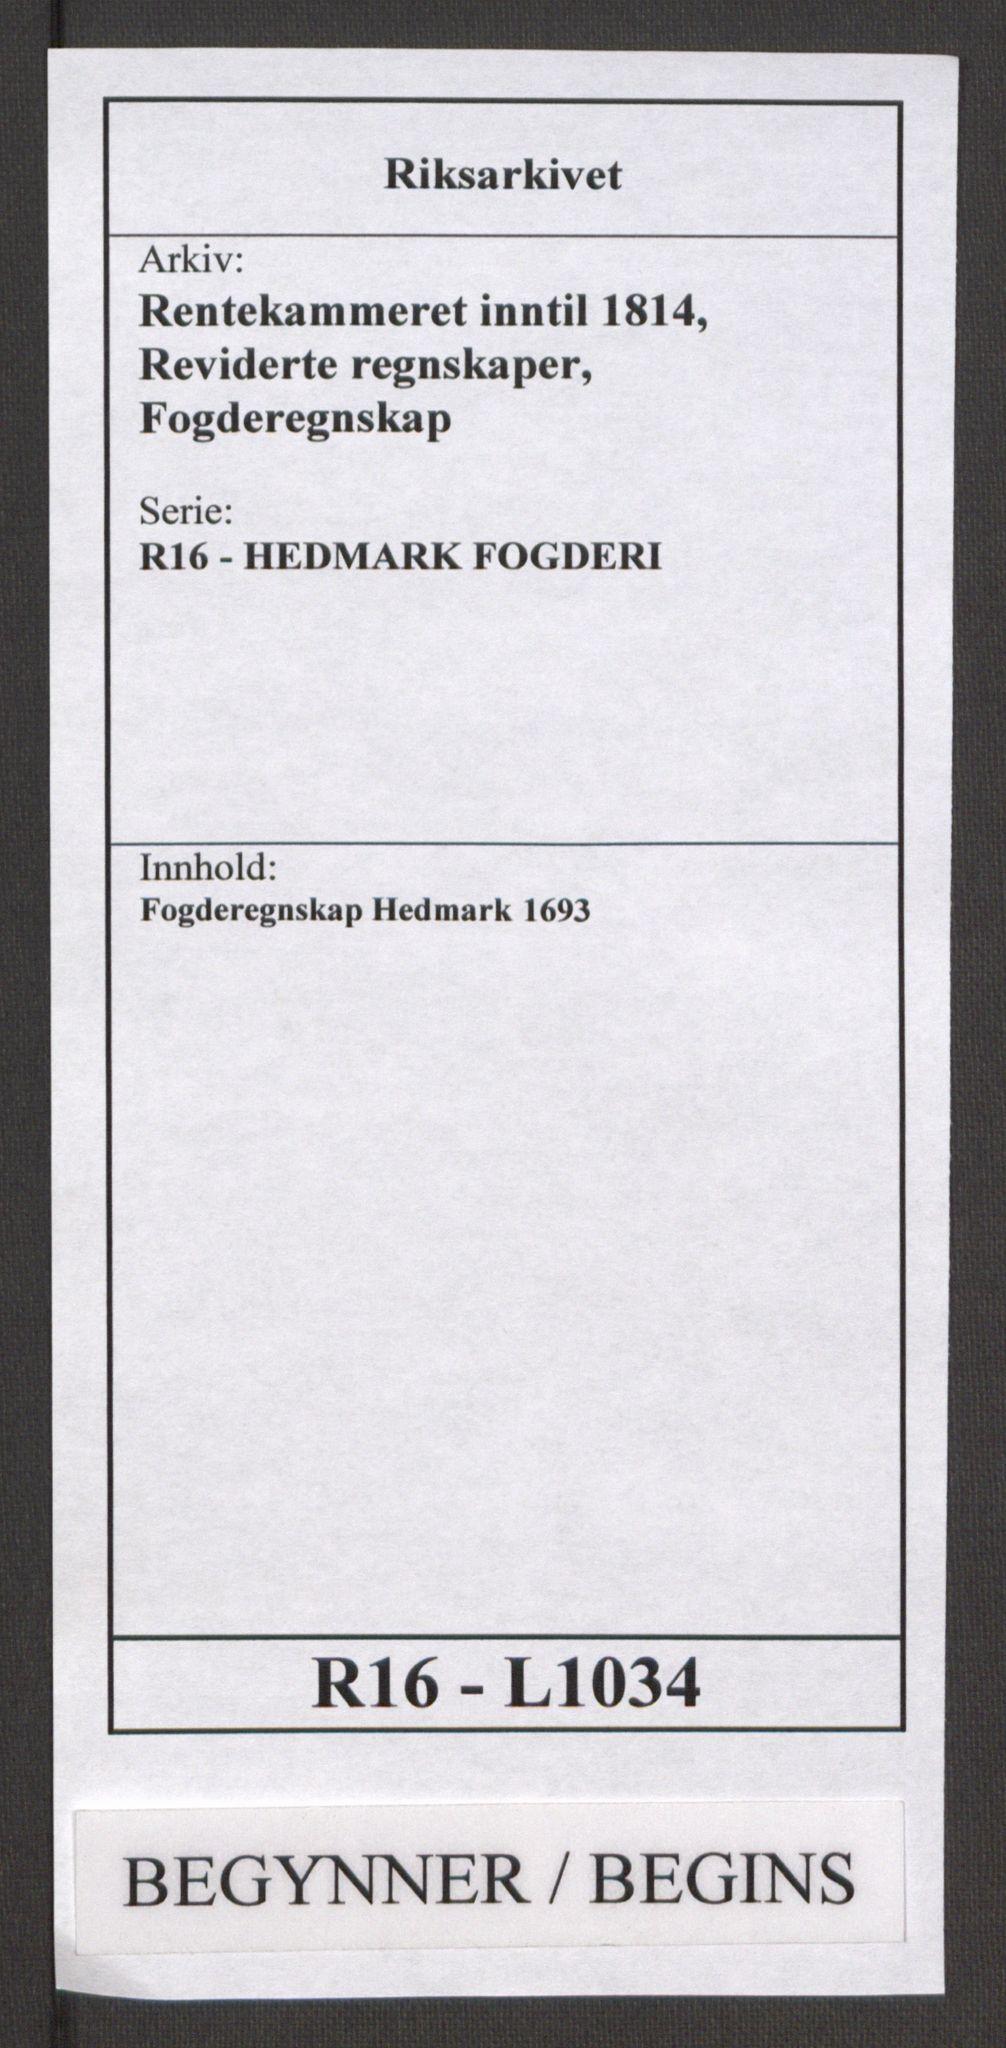 RA, Rentekammeret inntil 1814, Reviderte regnskaper, Fogderegnskap, R16/L1034: Fogderegnskap Hedmark, 1693, s. 1